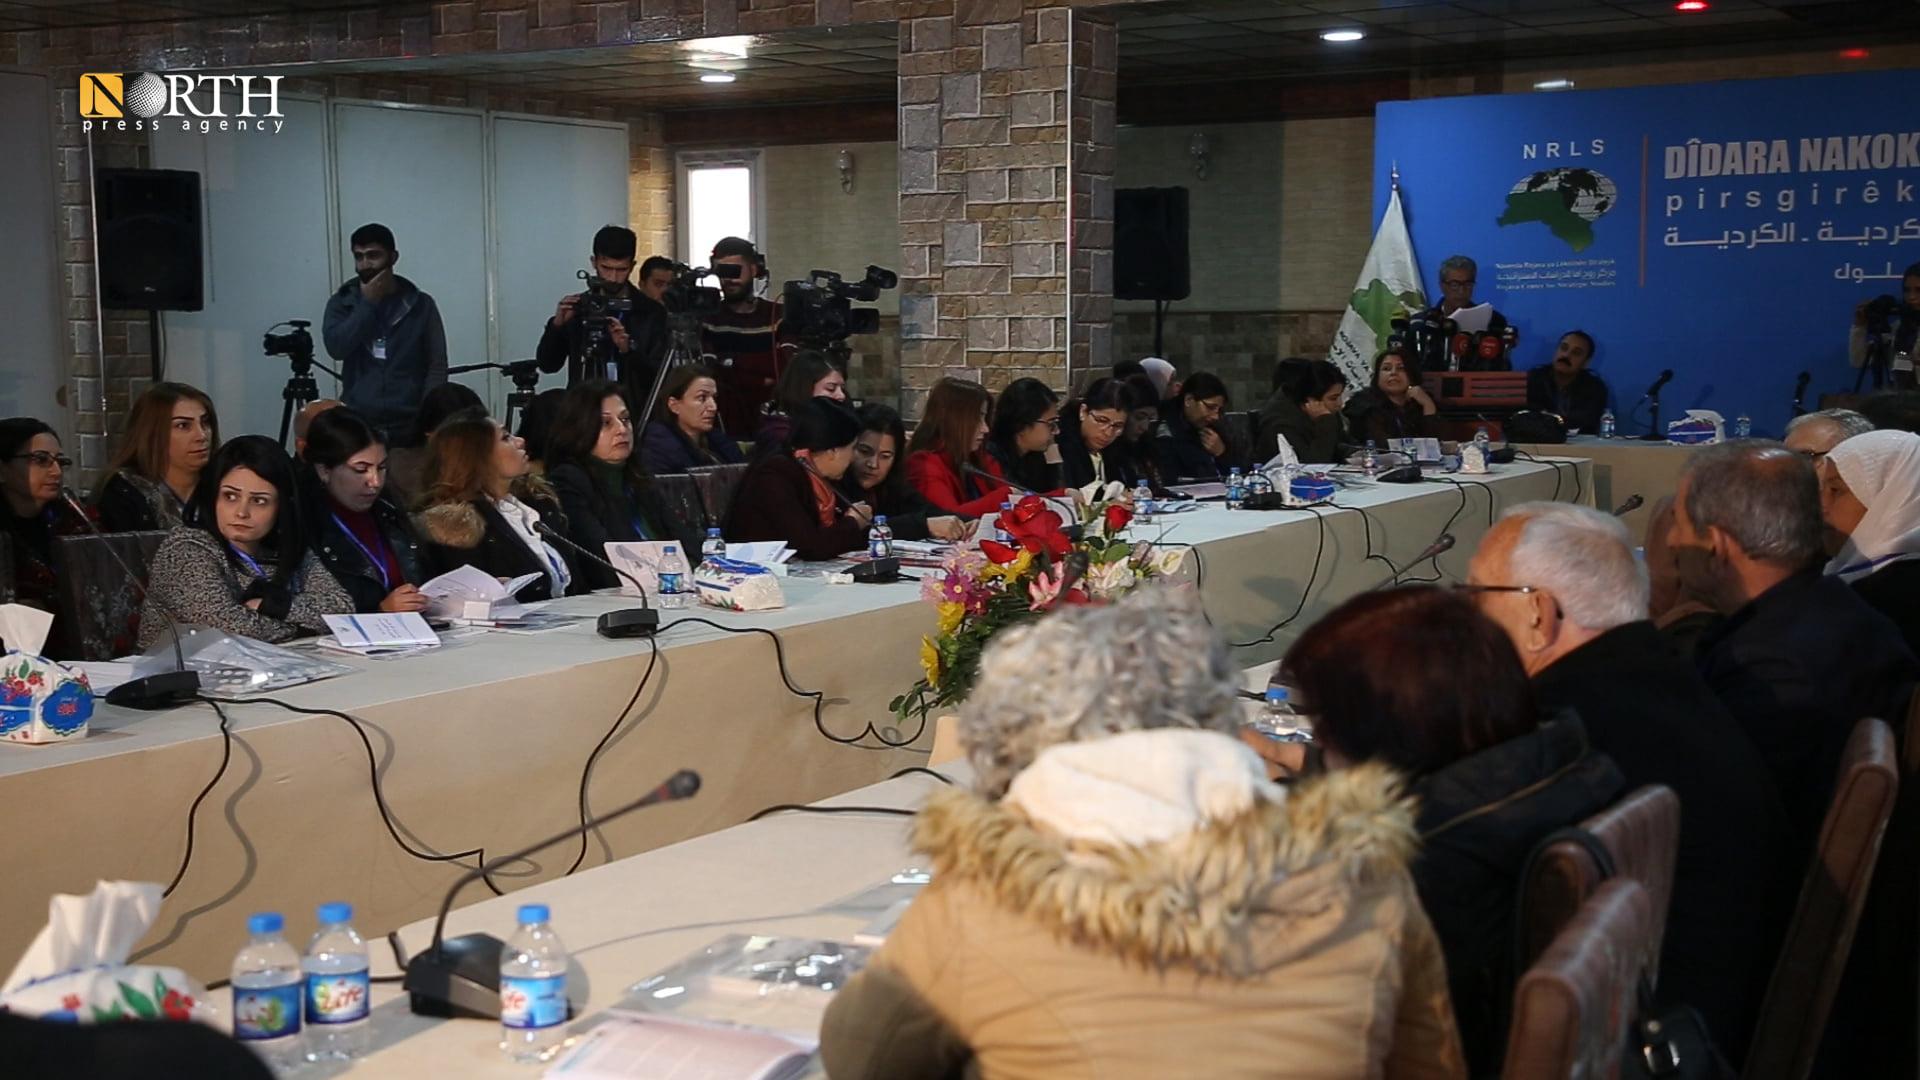 Intra-Kurdish dialogue forum in Qamishli city – North Press